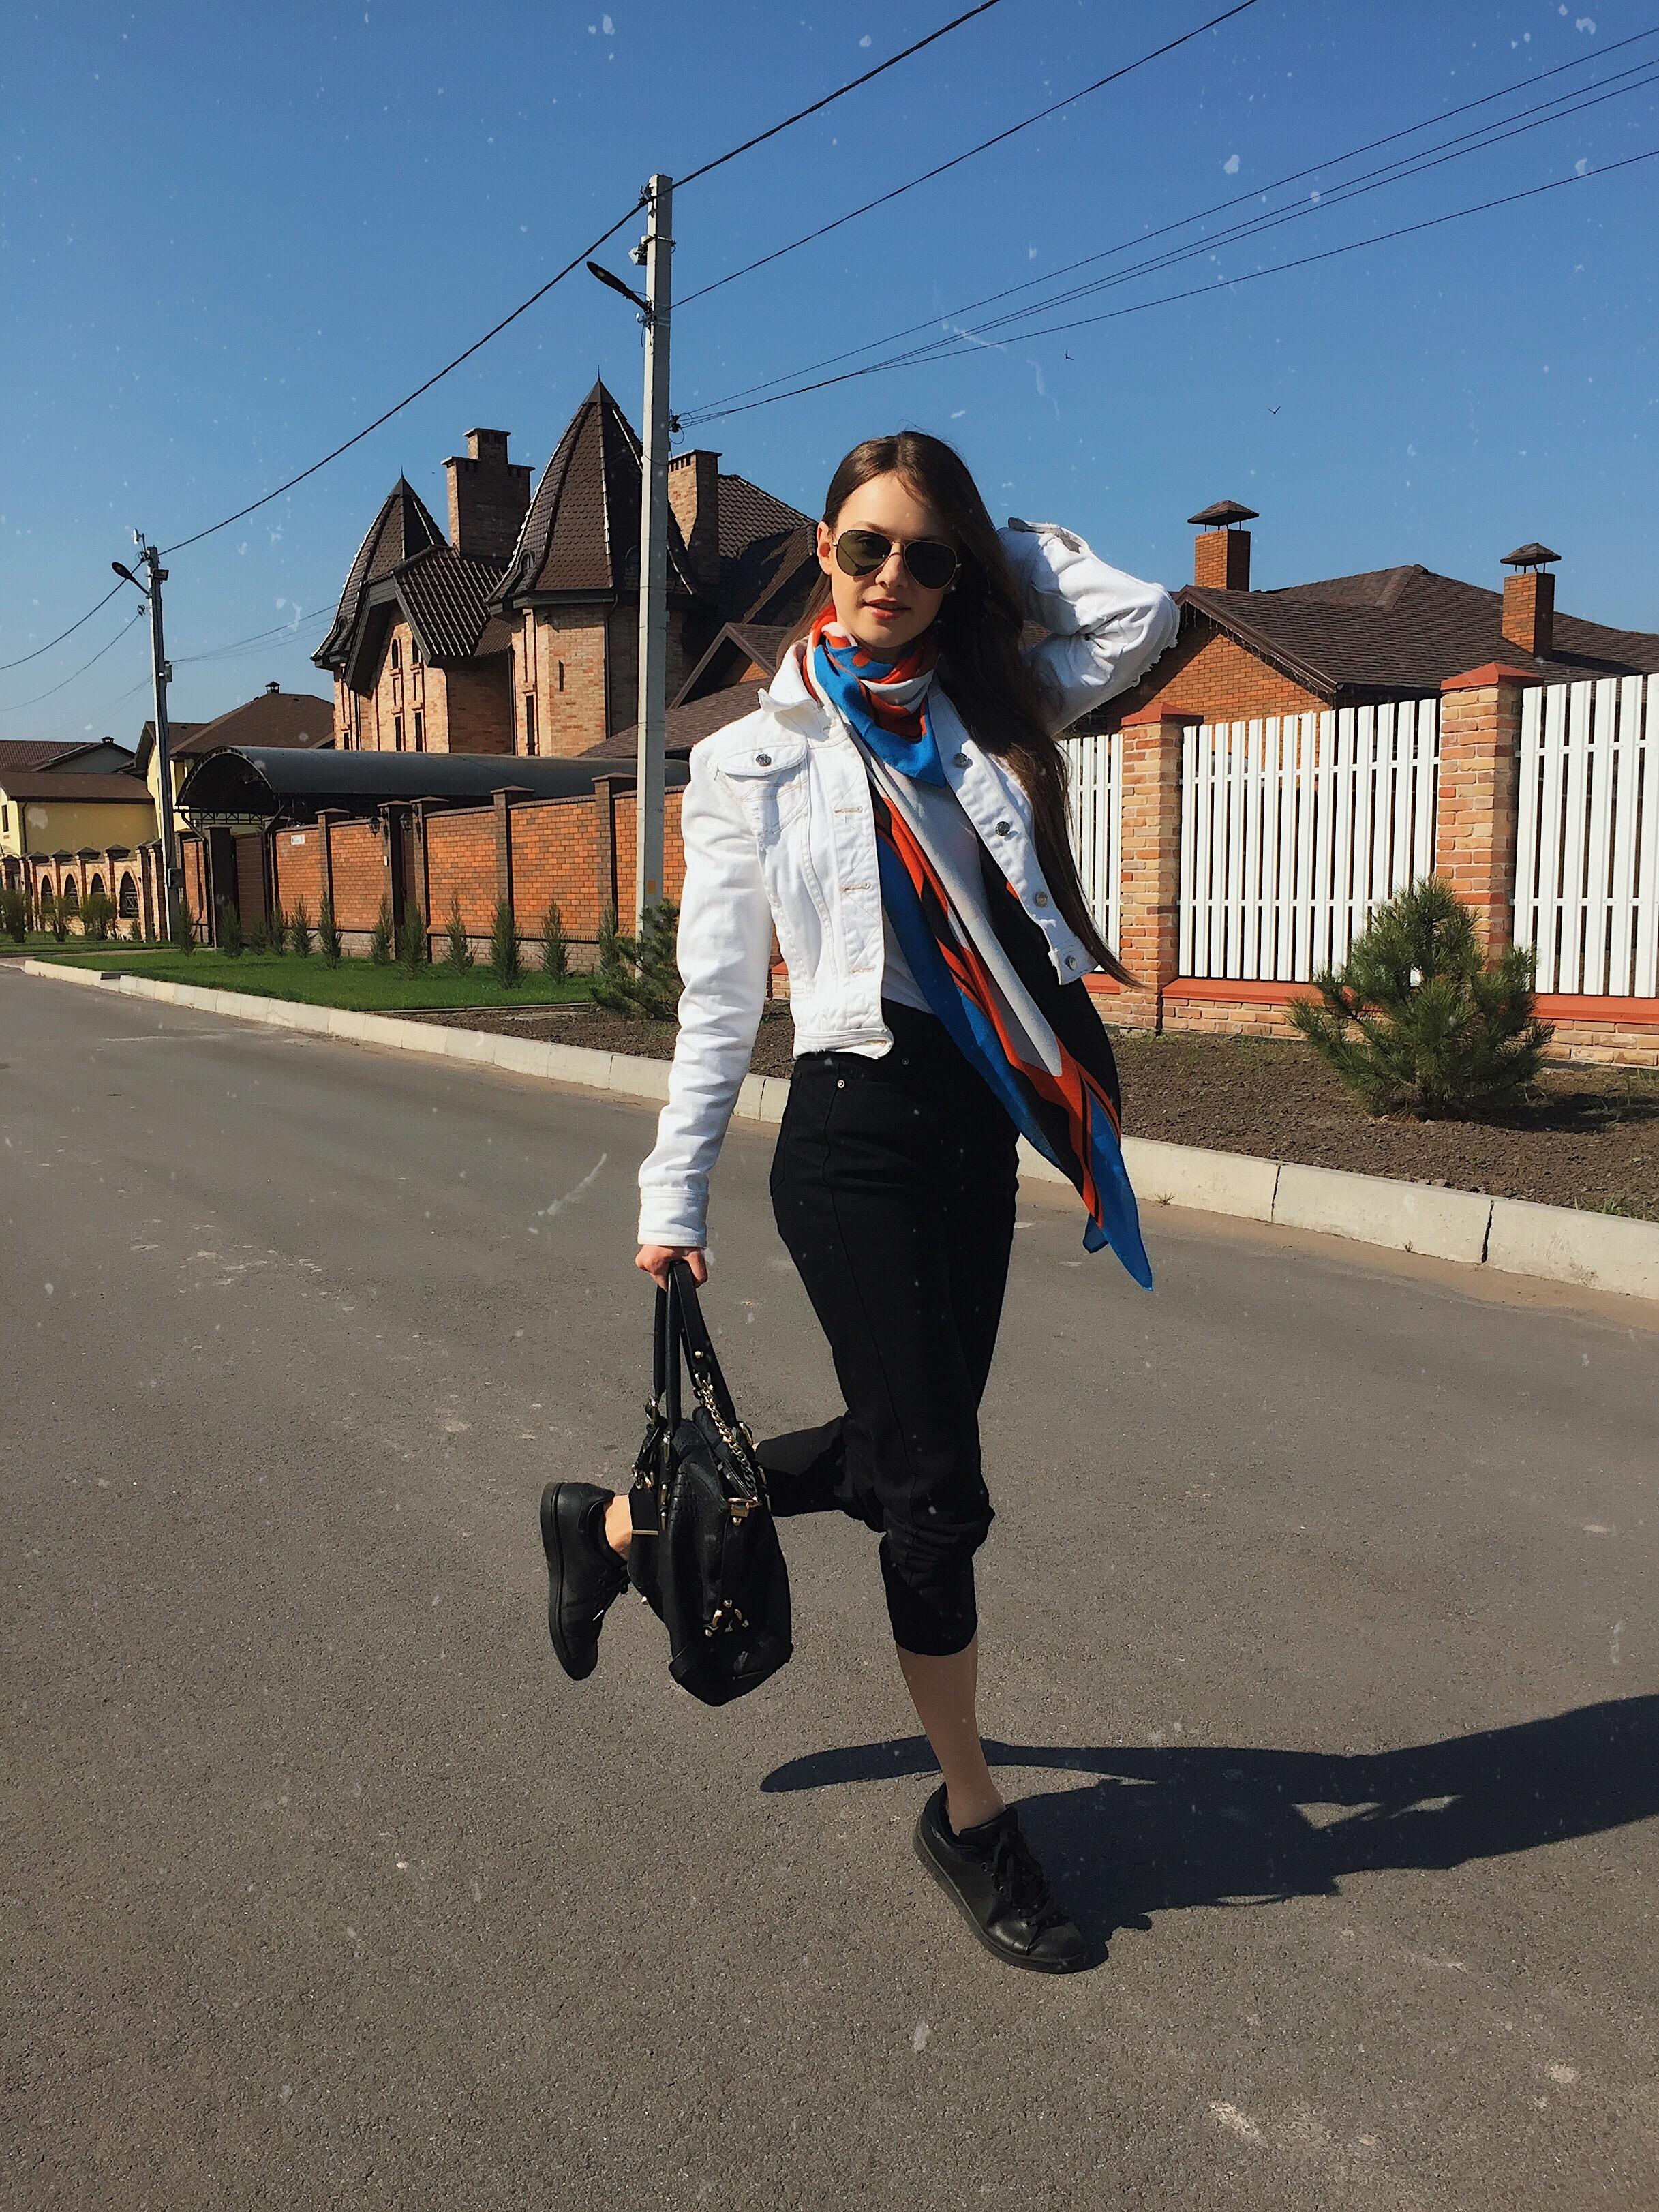 Happiness - artist, speaker, blogger Tanya She